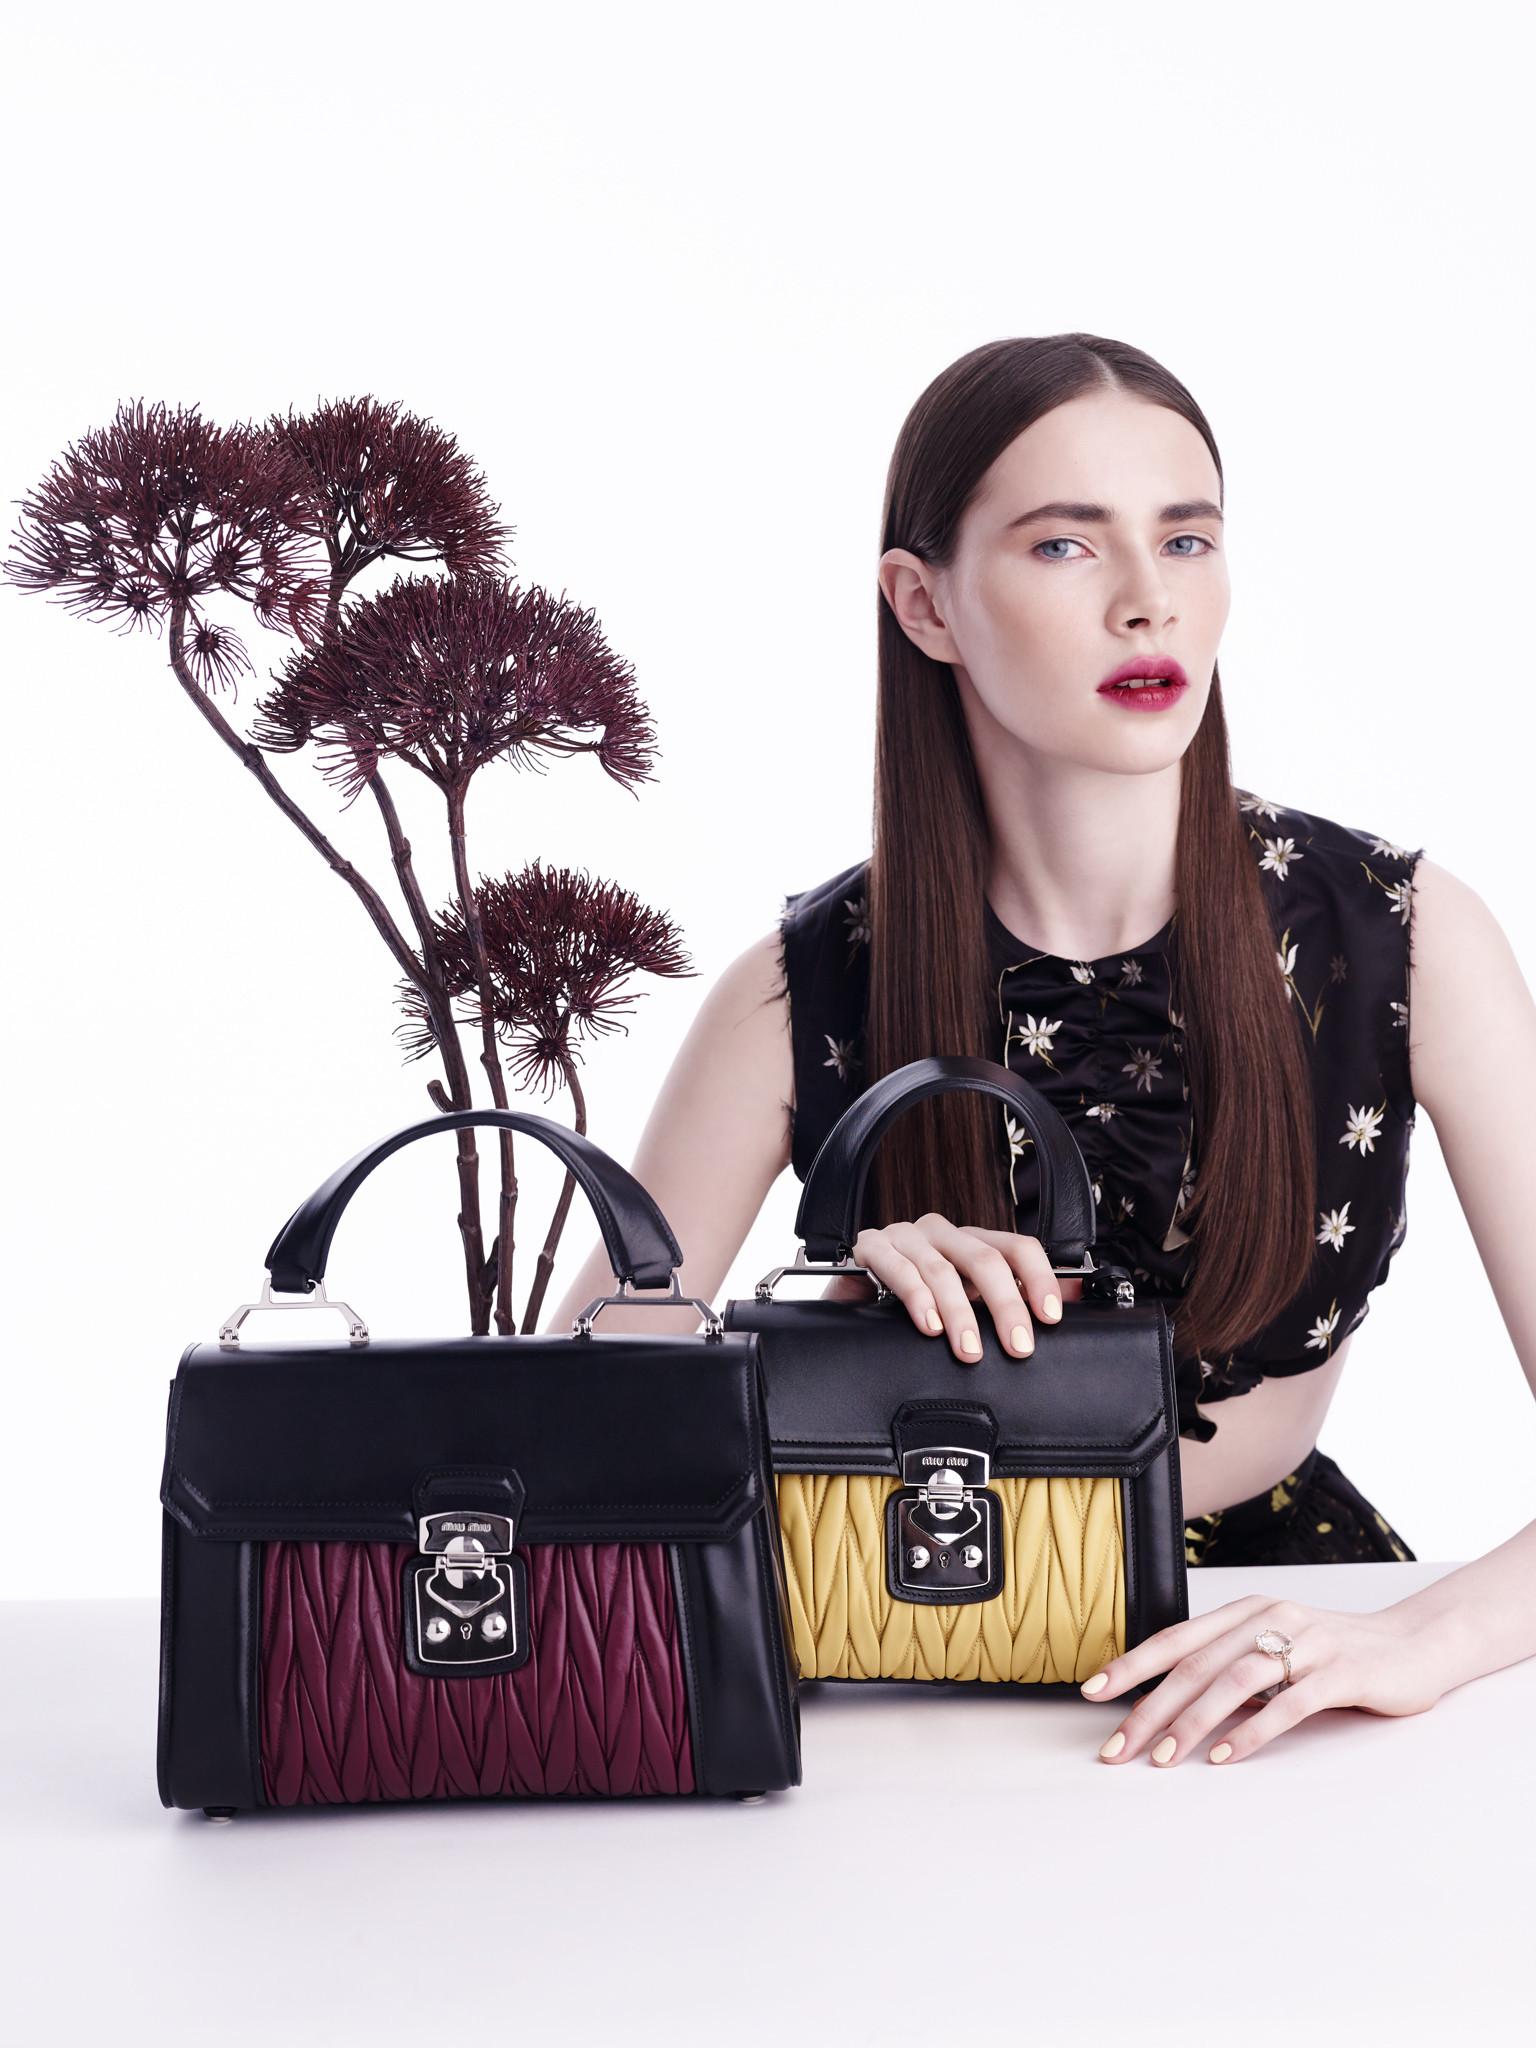 2015_Vogue_Bags&flowers43040.jpg